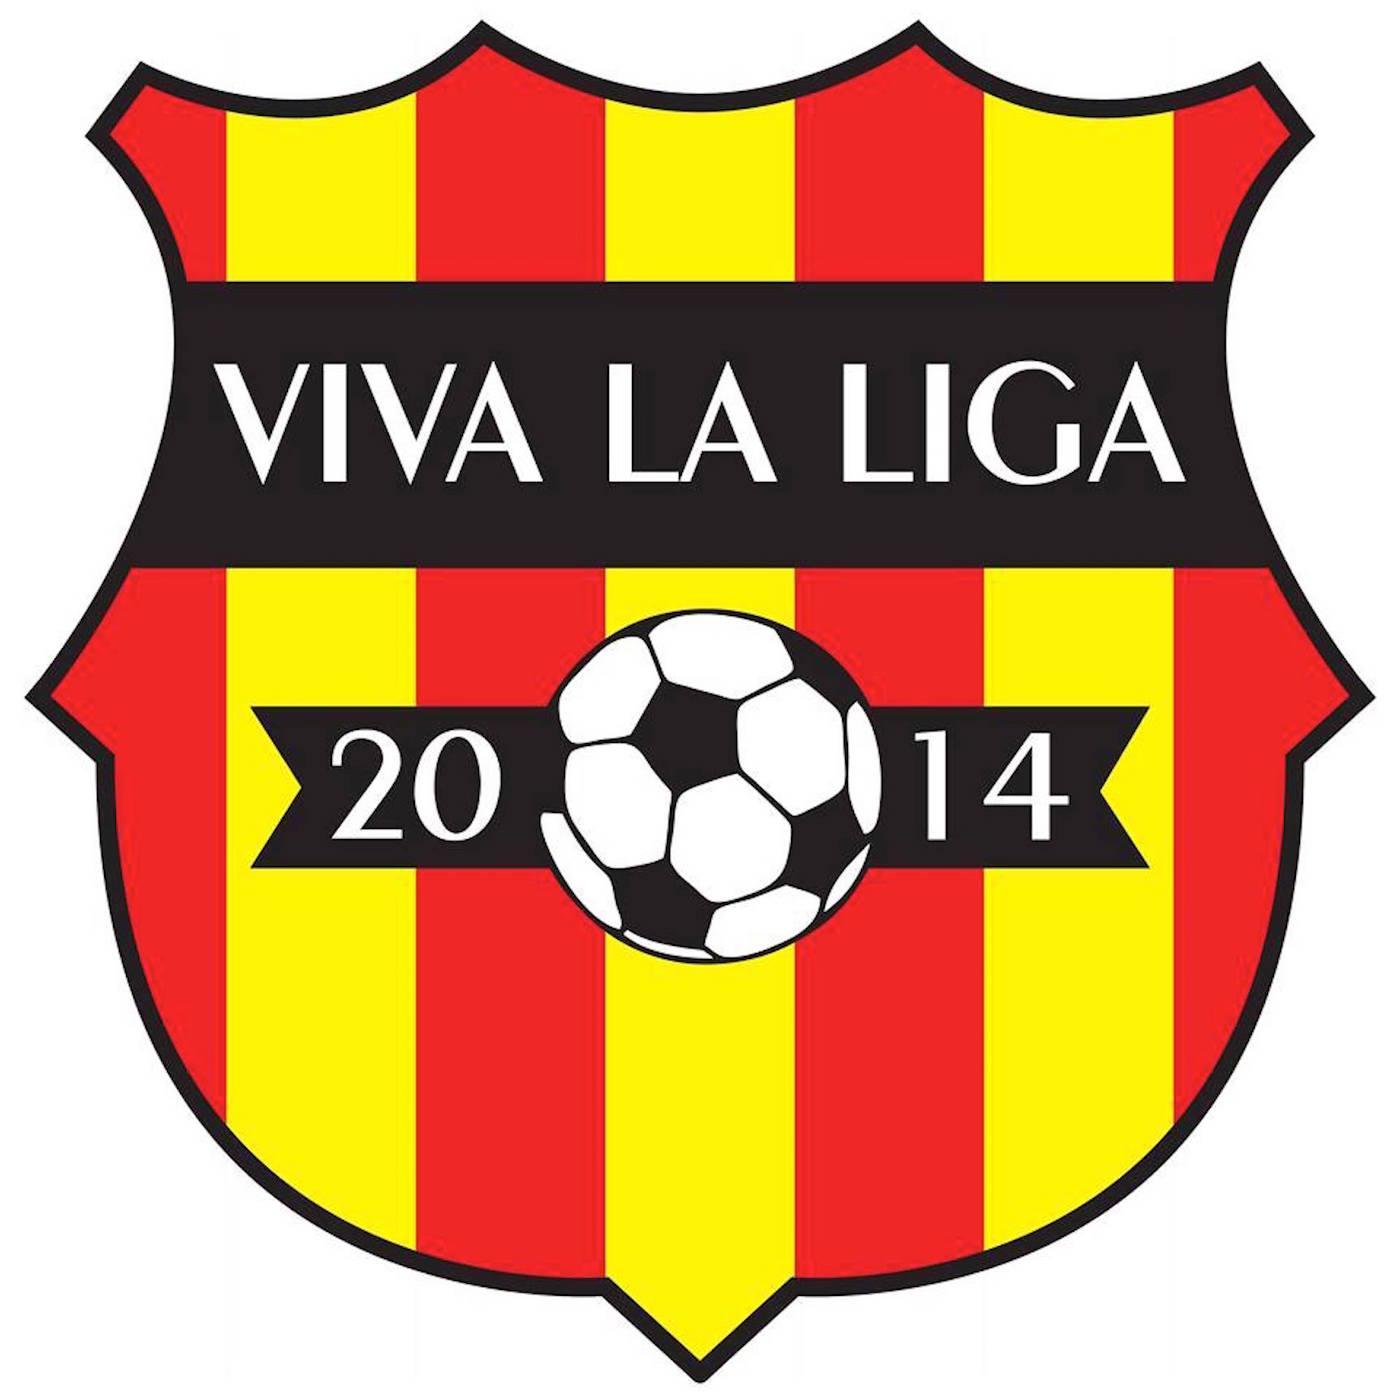 Viva La Liga